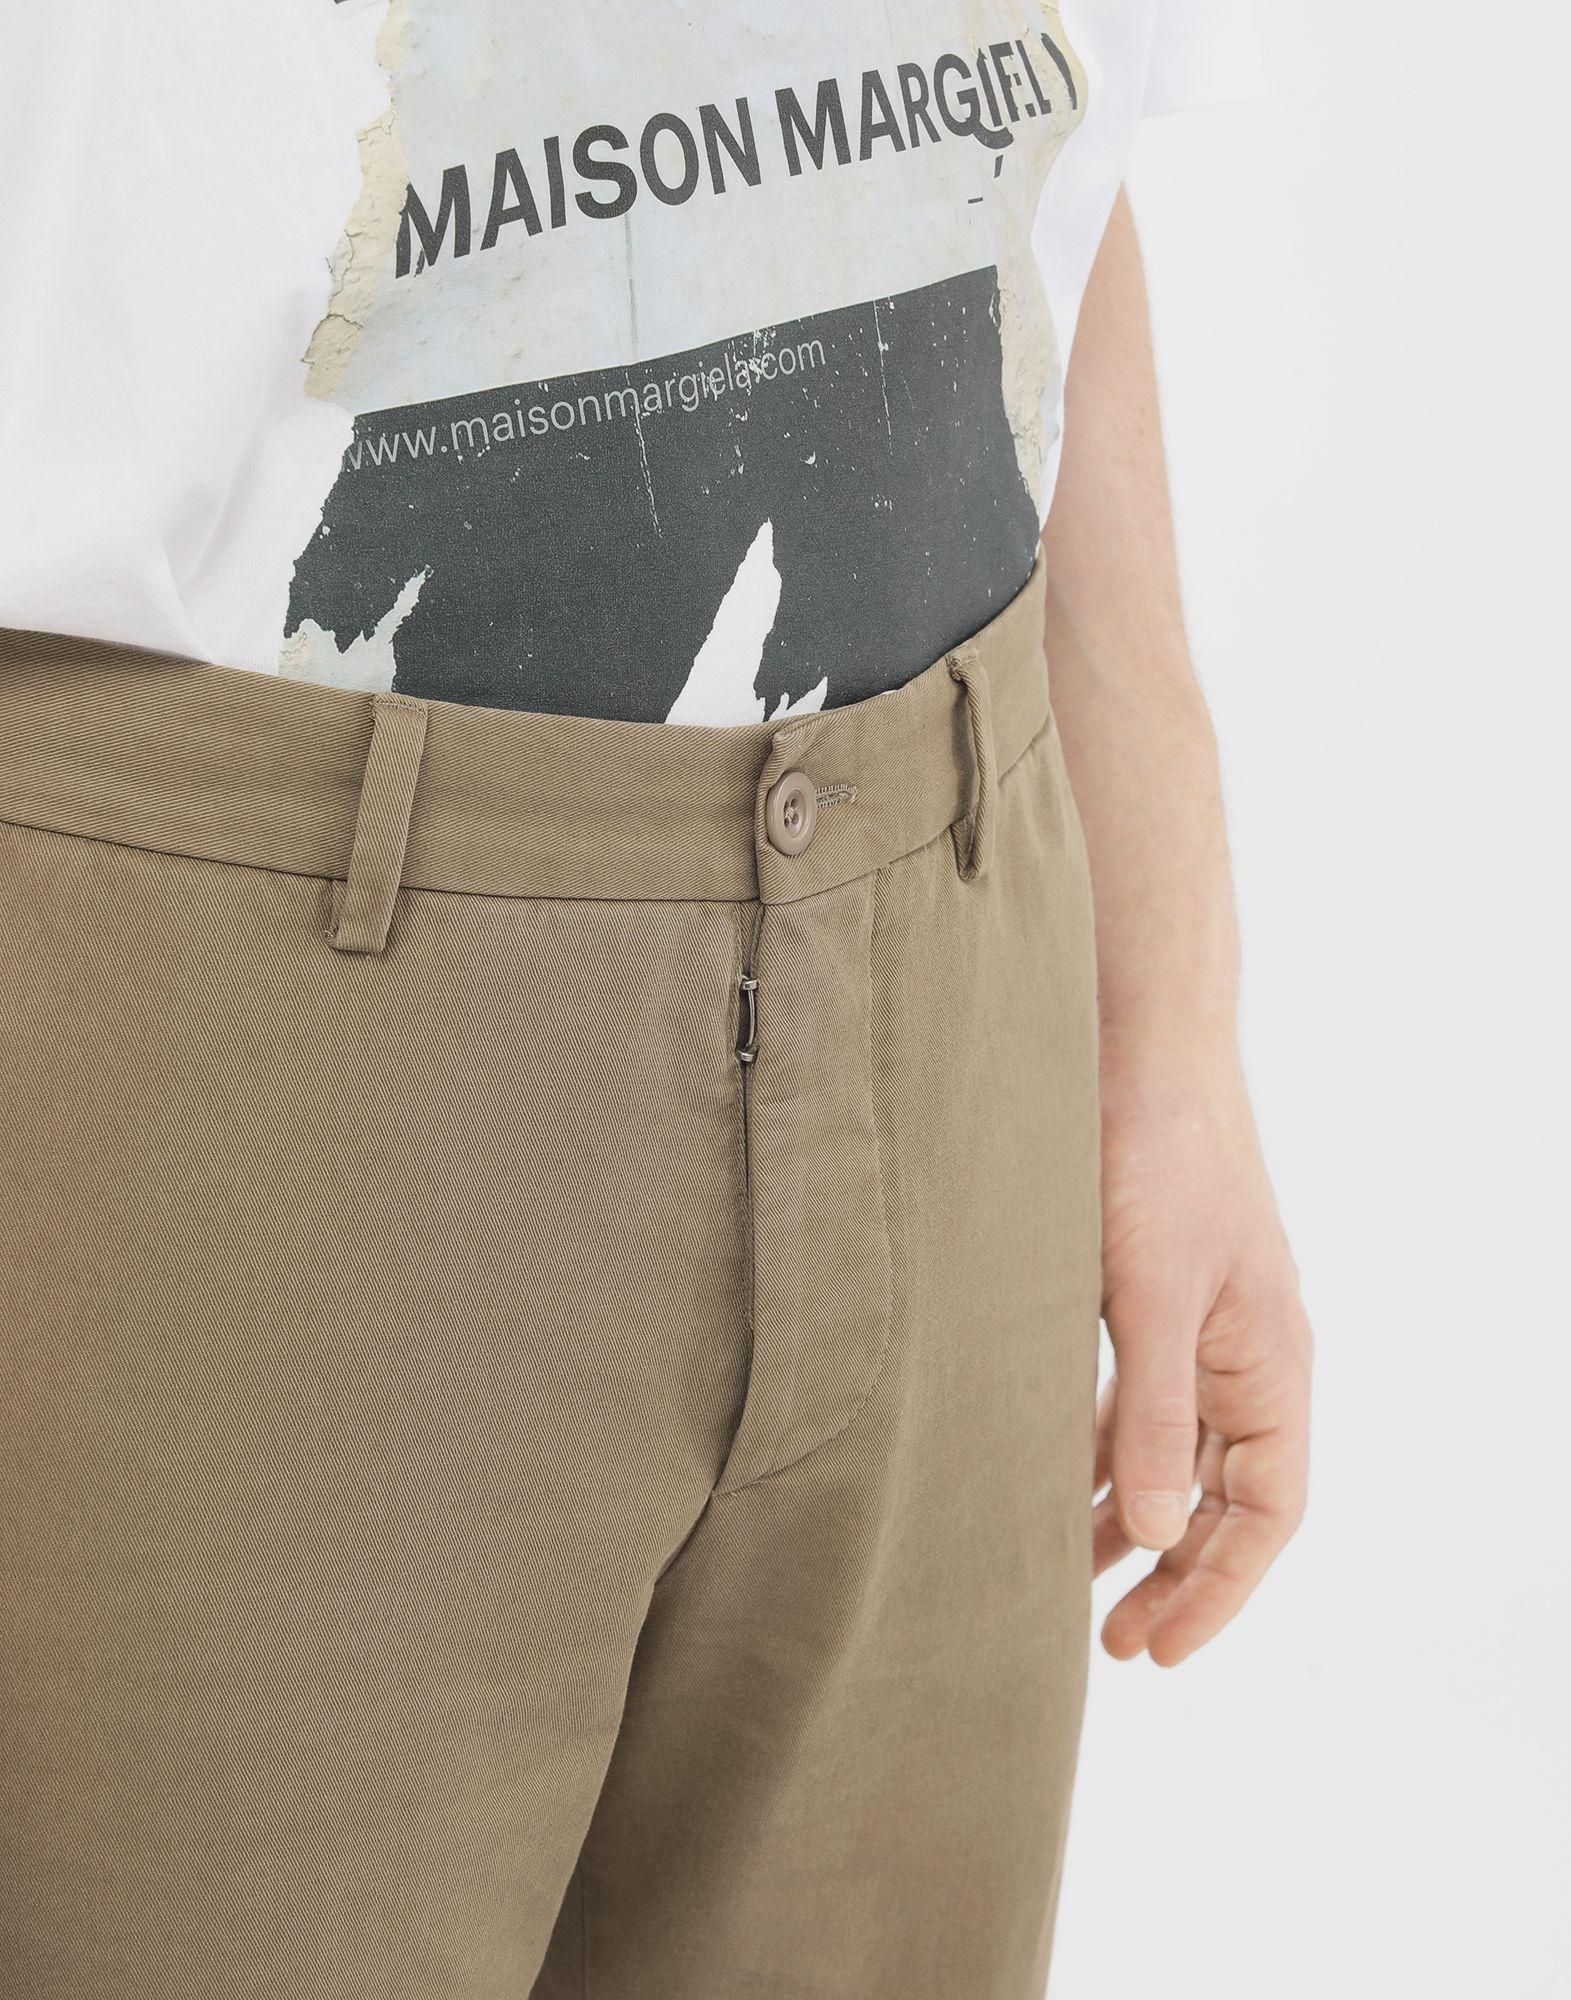 MAISON MARGIELA Cotton trousers Casual pants Man a